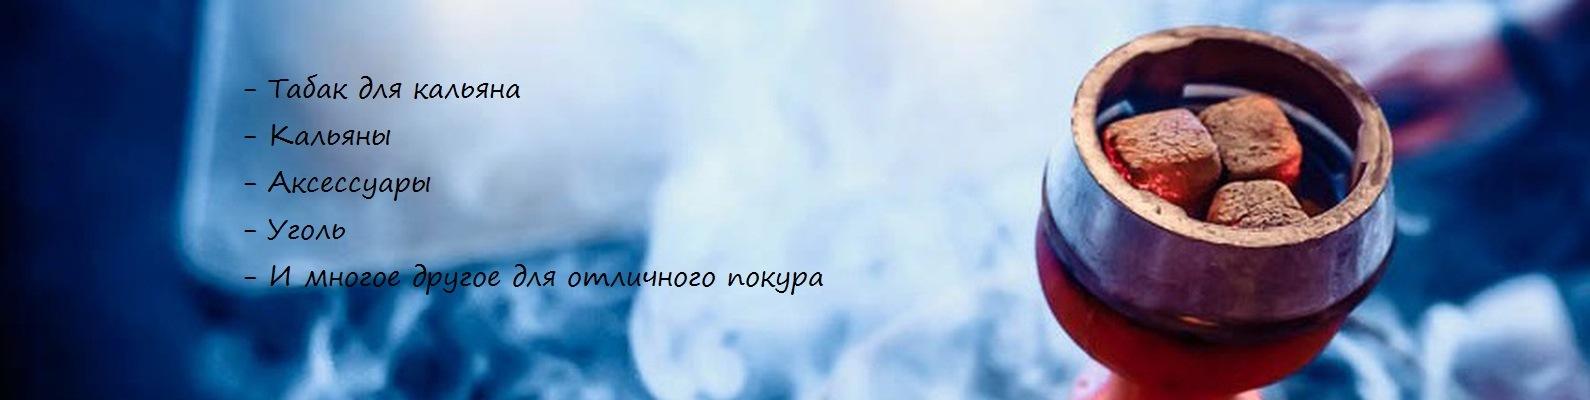 Купить табак оптом электронные сигареты харьков купить